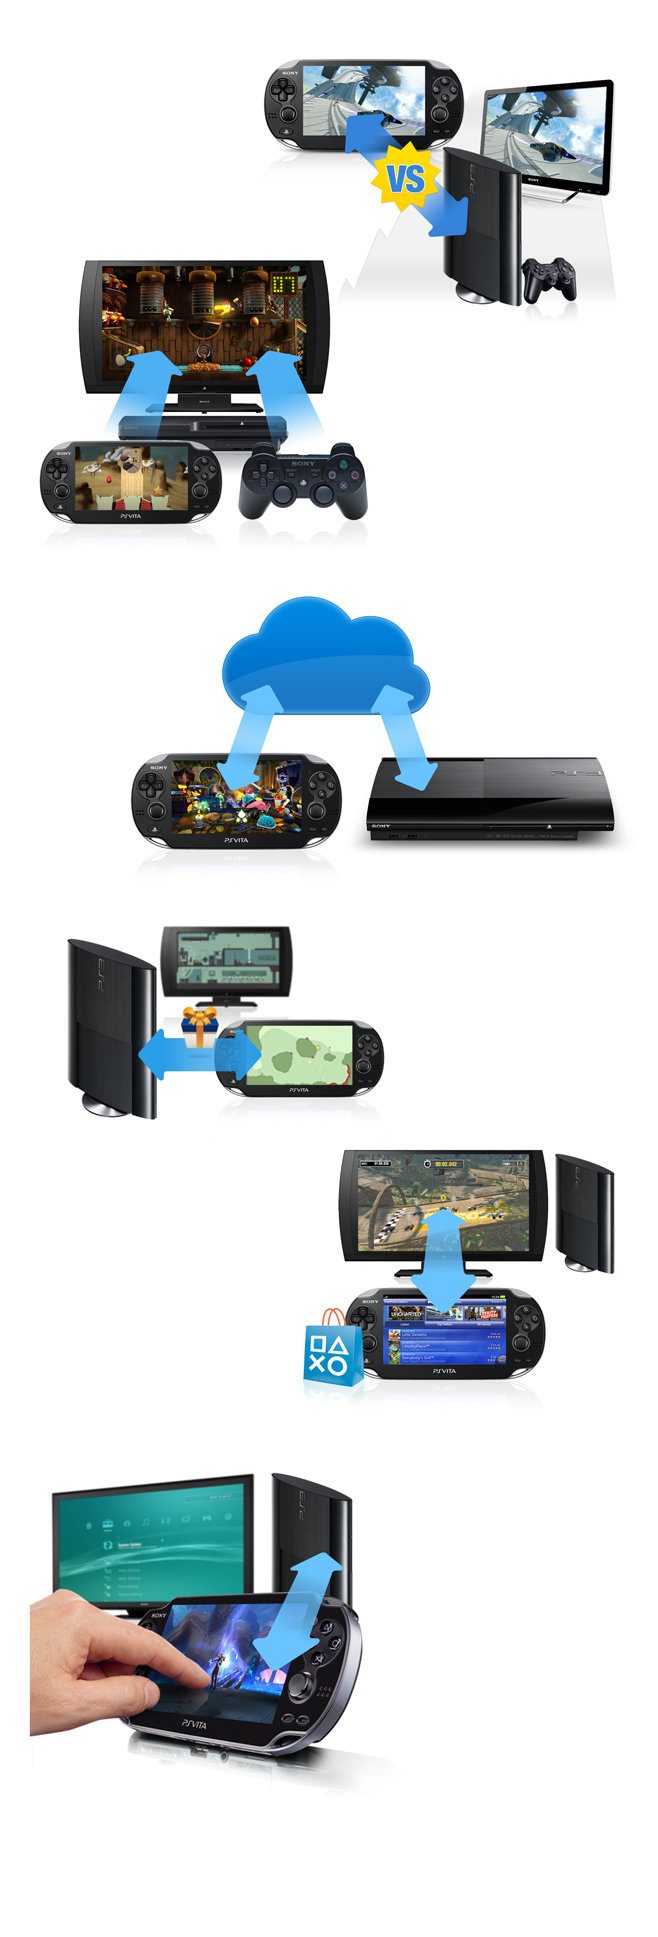 http://g-ec2.images-amazon.com/images/G/03/videogames/aplus/B004L2KWIS/B004L2KWIS_pd07.jpg